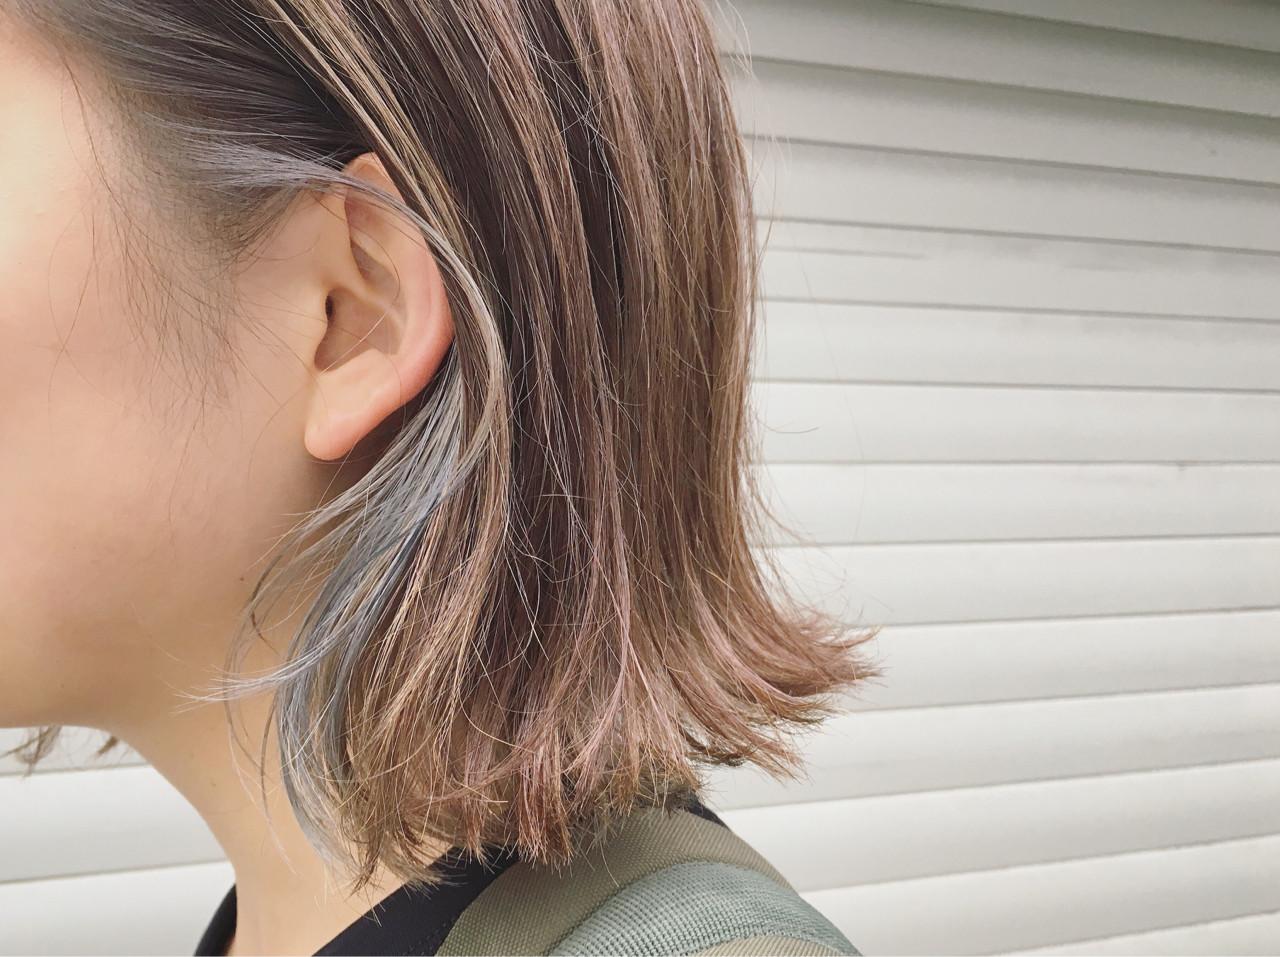 インナーカラー 透明感 ナチュラル 外ハネ ヘアスタイルや髪型の写真・画像 | 鶴野 智恵子 / Avenz.foundation